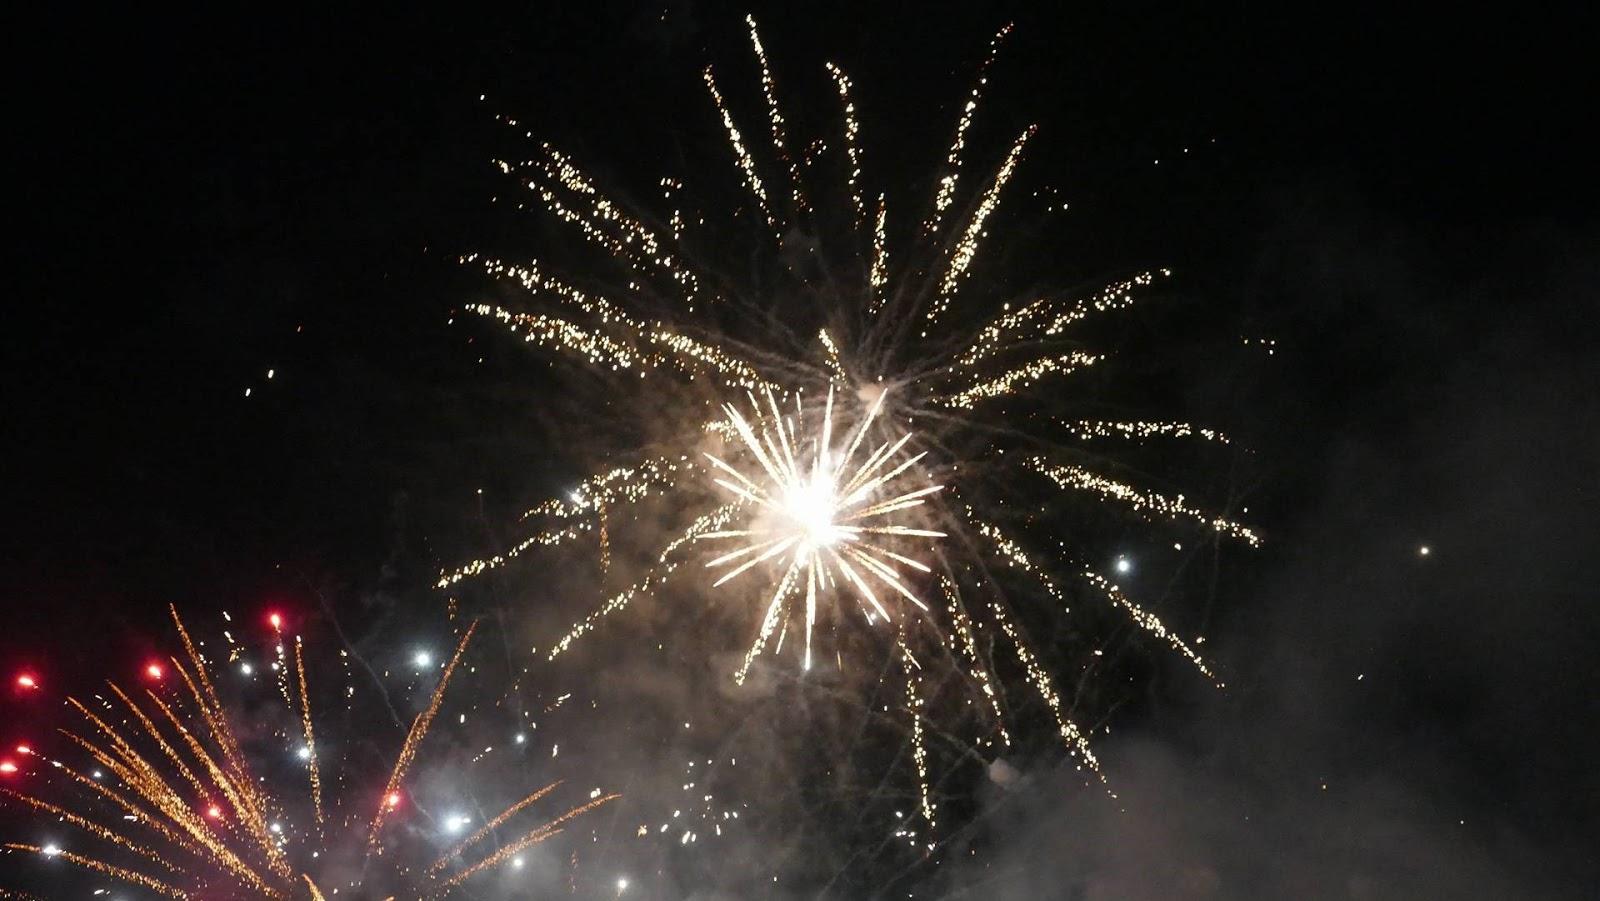 Φαντασμαγορικά υποδέχτηκε η Λάρισα το 2018 - Φαναράκια, πυροτεχνήματα και συναυλία στο Φρούριο (VIDEO)